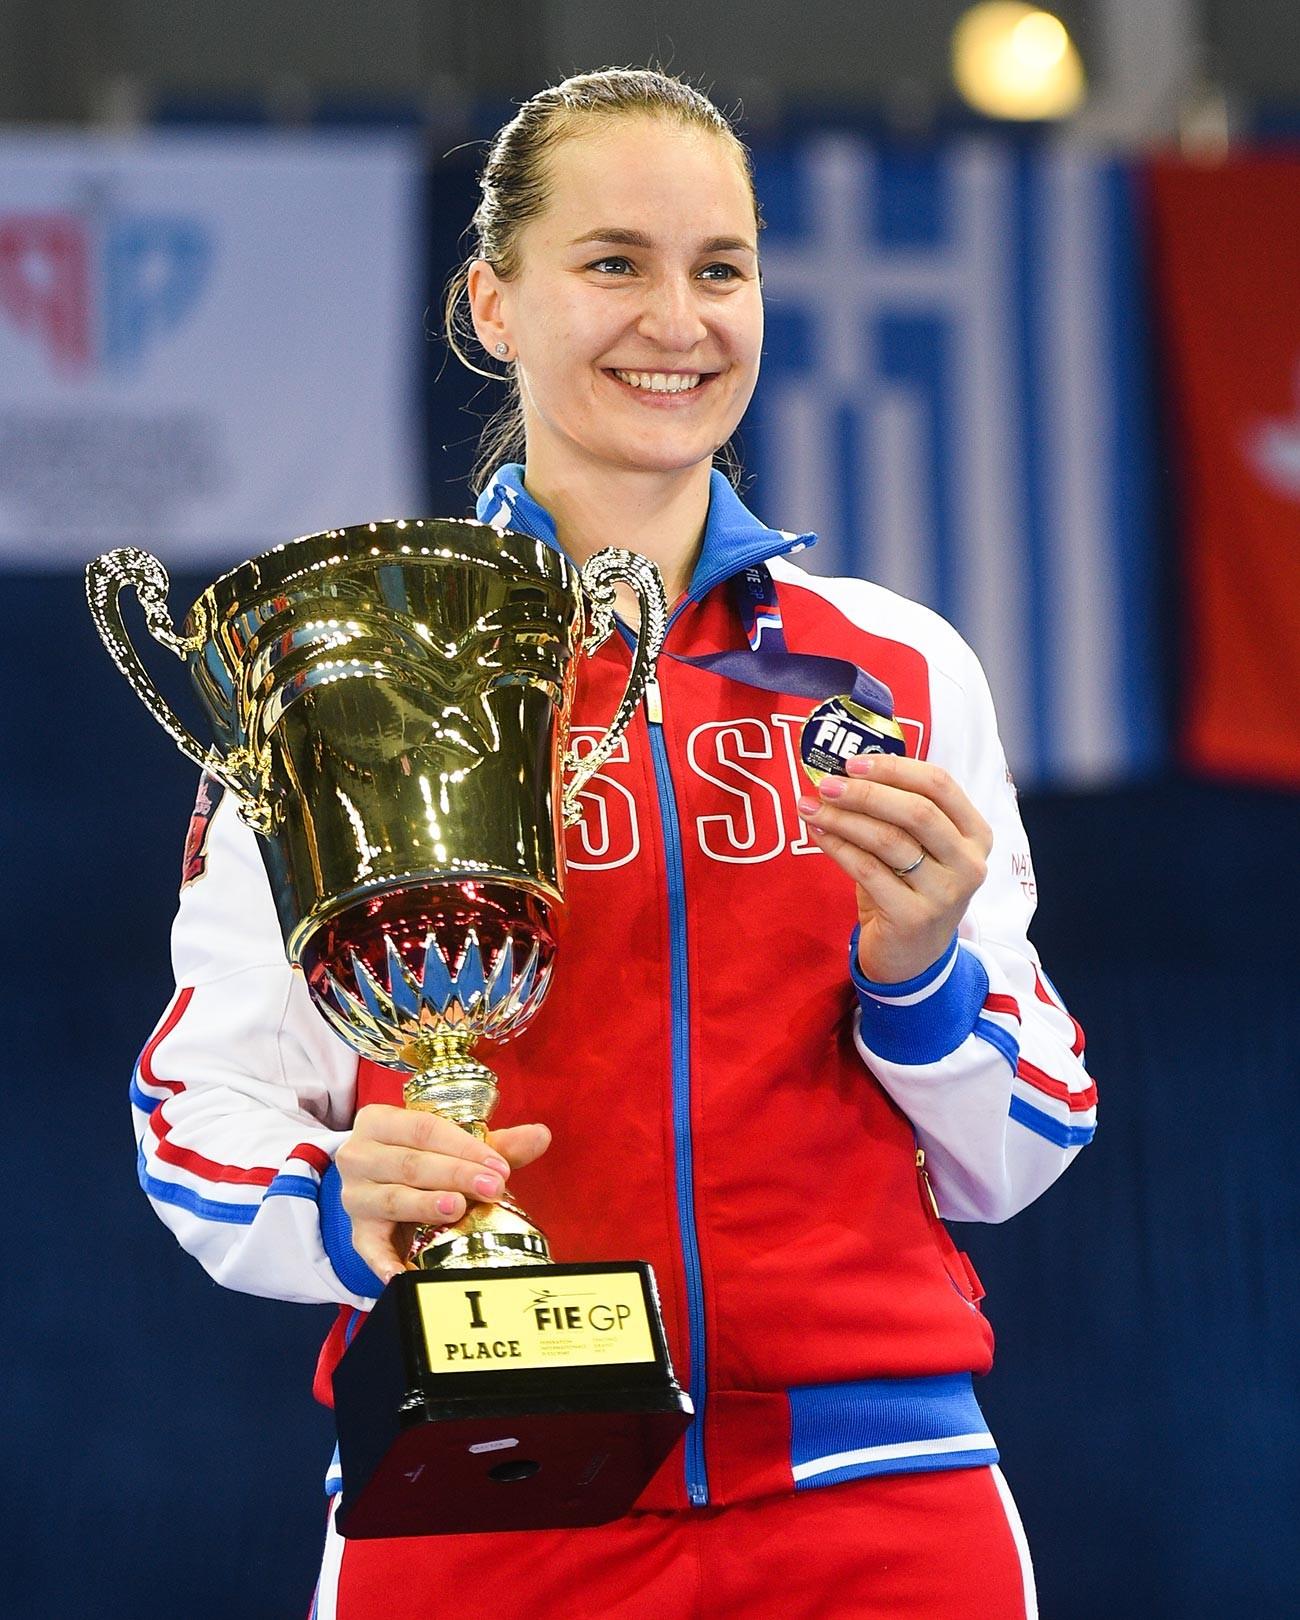 Победительница в соревнованиях личного первенства среди женщин на международном турнире по фехтованию